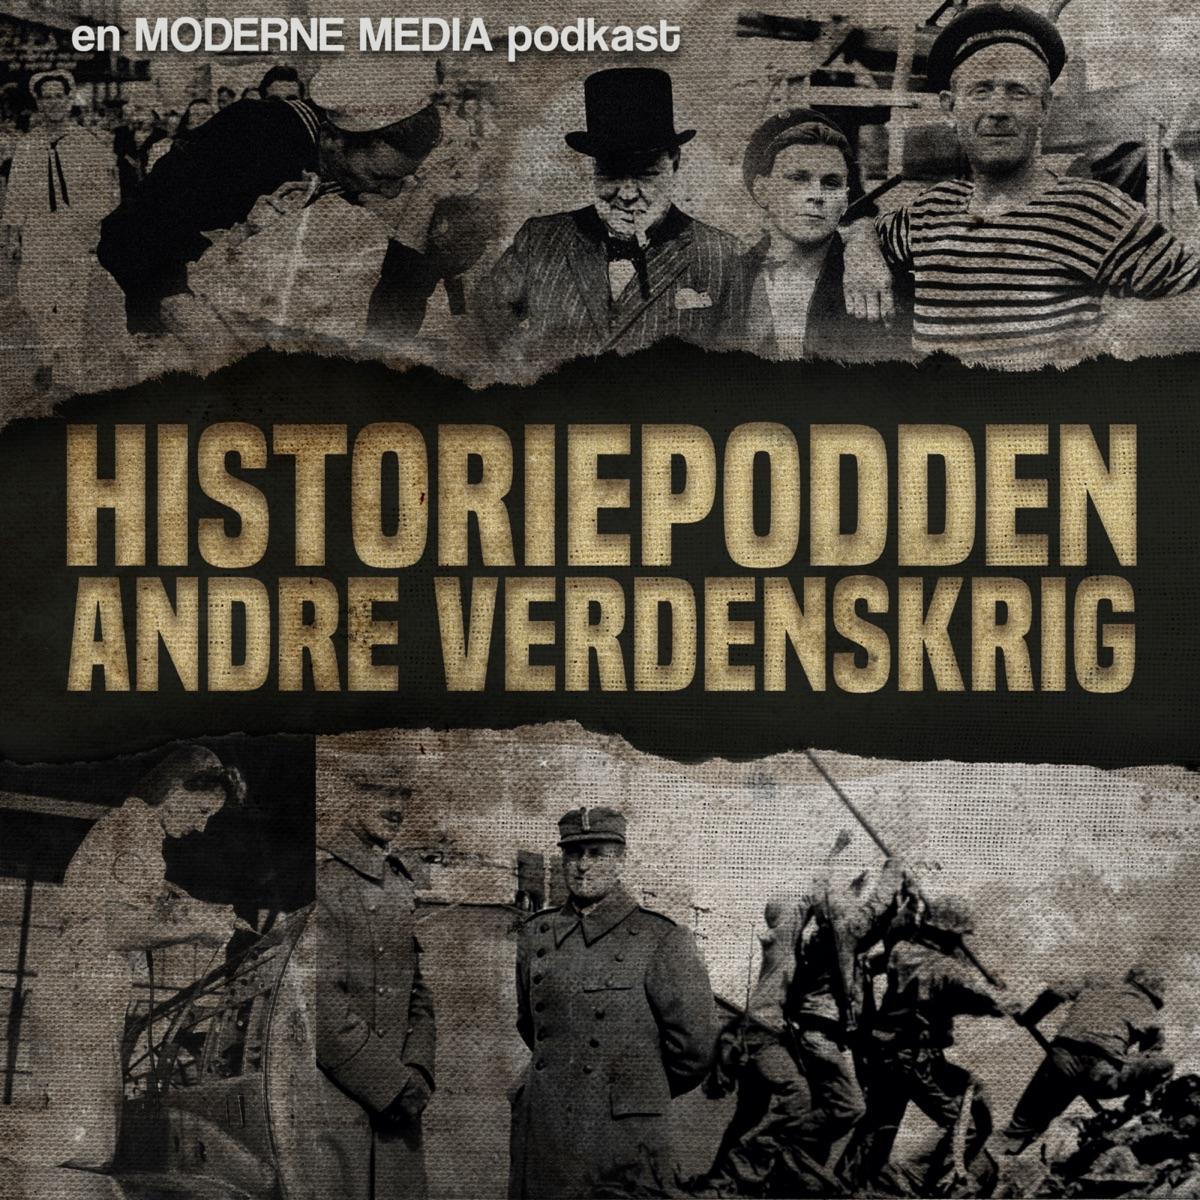 Historiepodden WW2